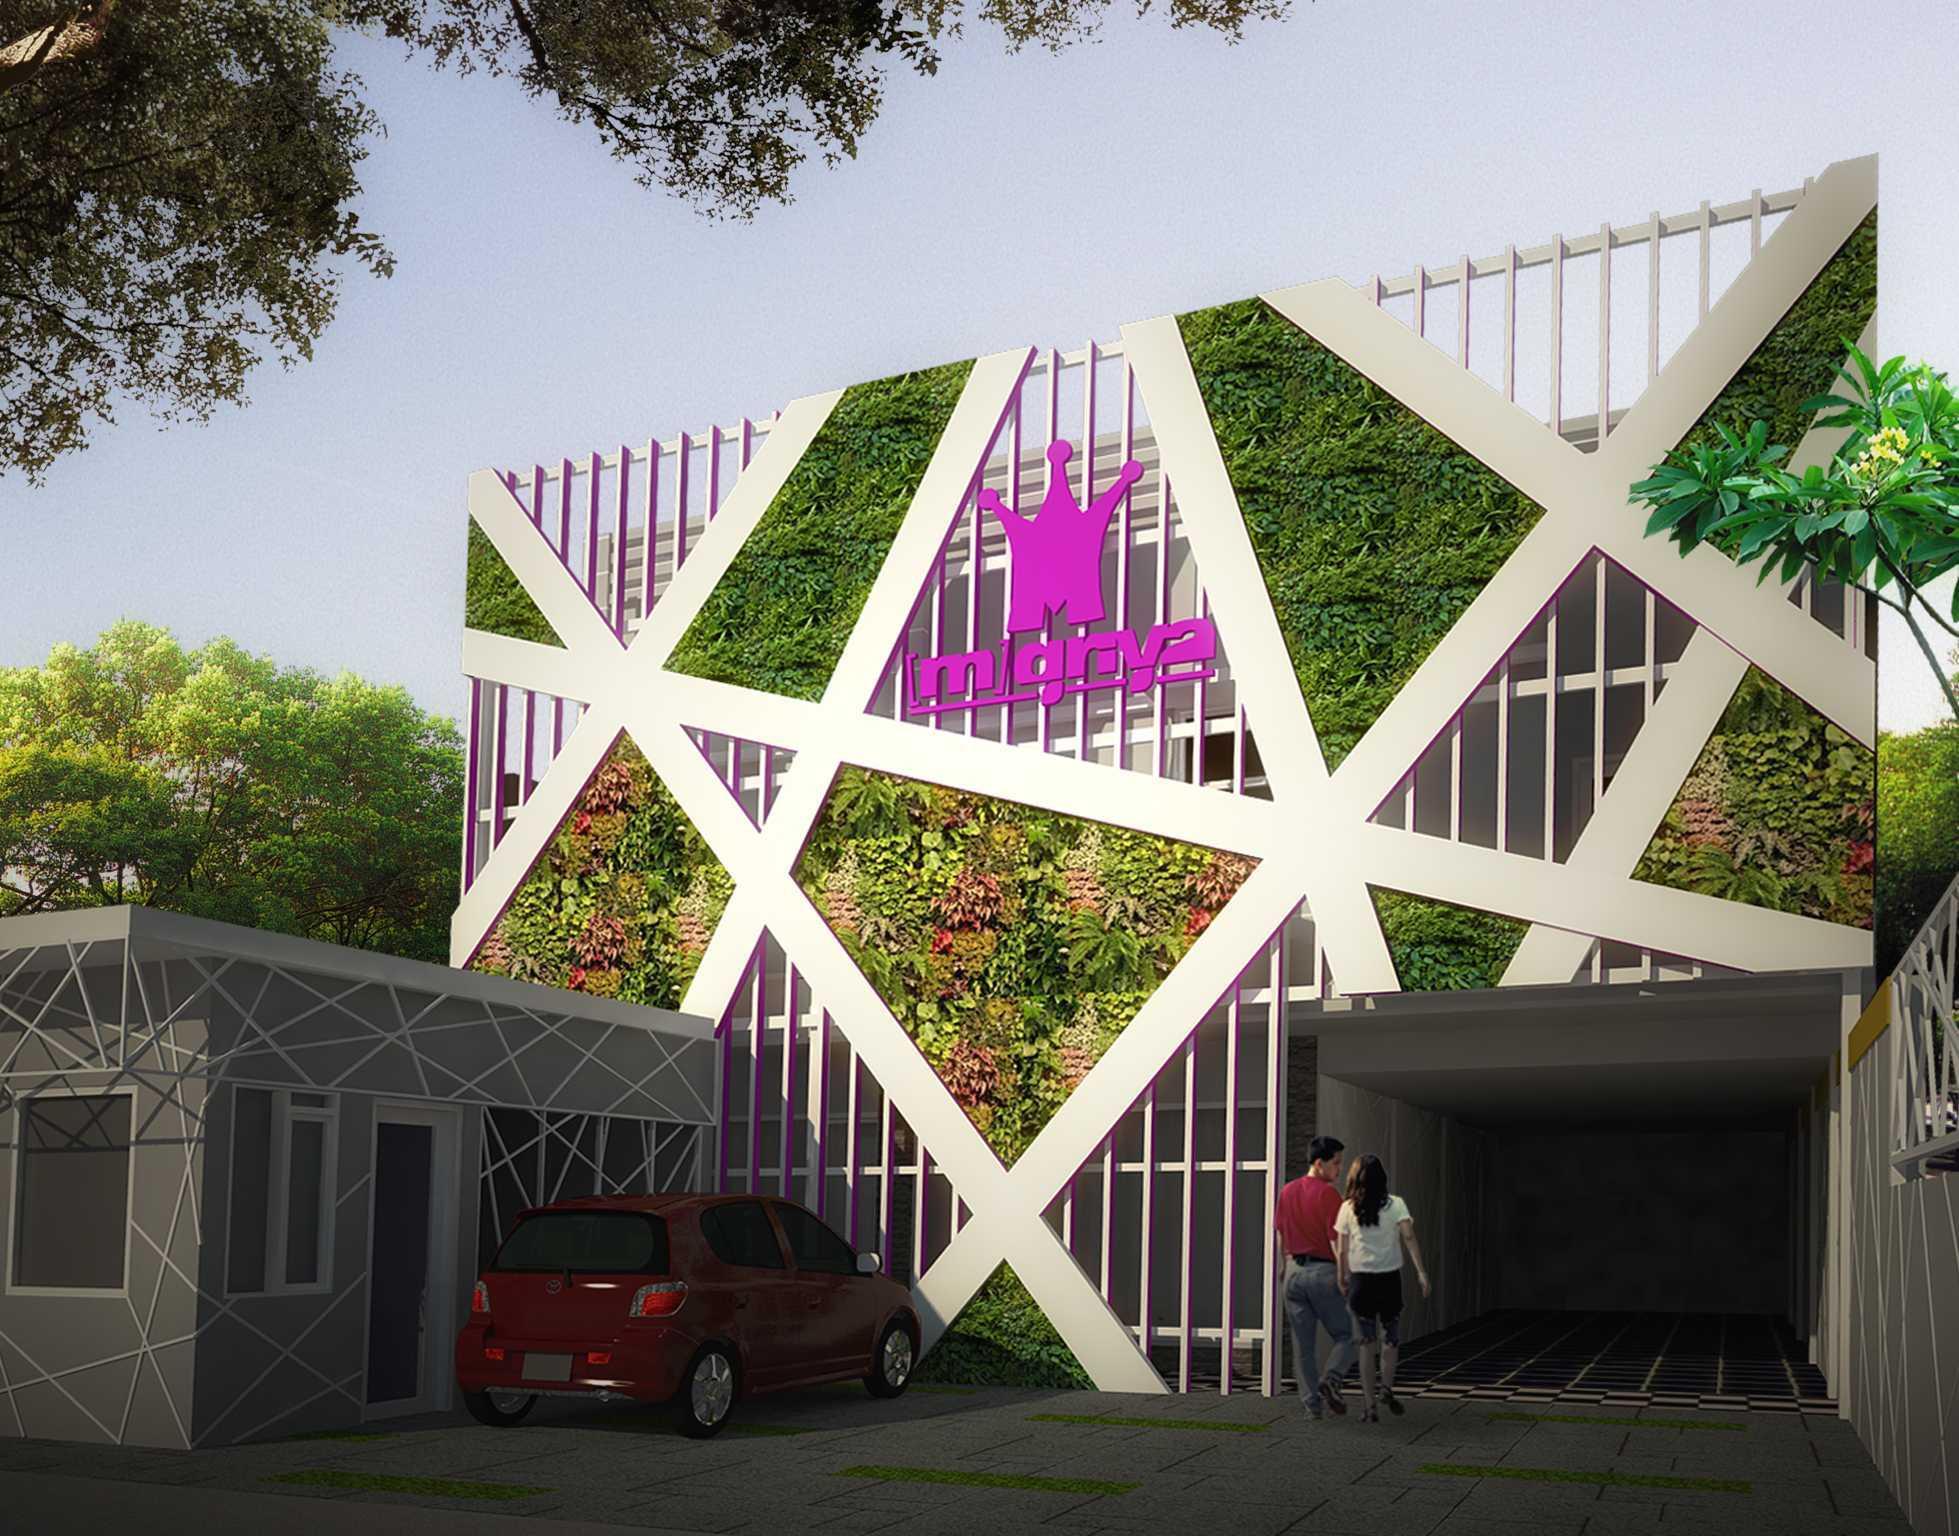 Jasa Arsitek daun architect di Banyumas